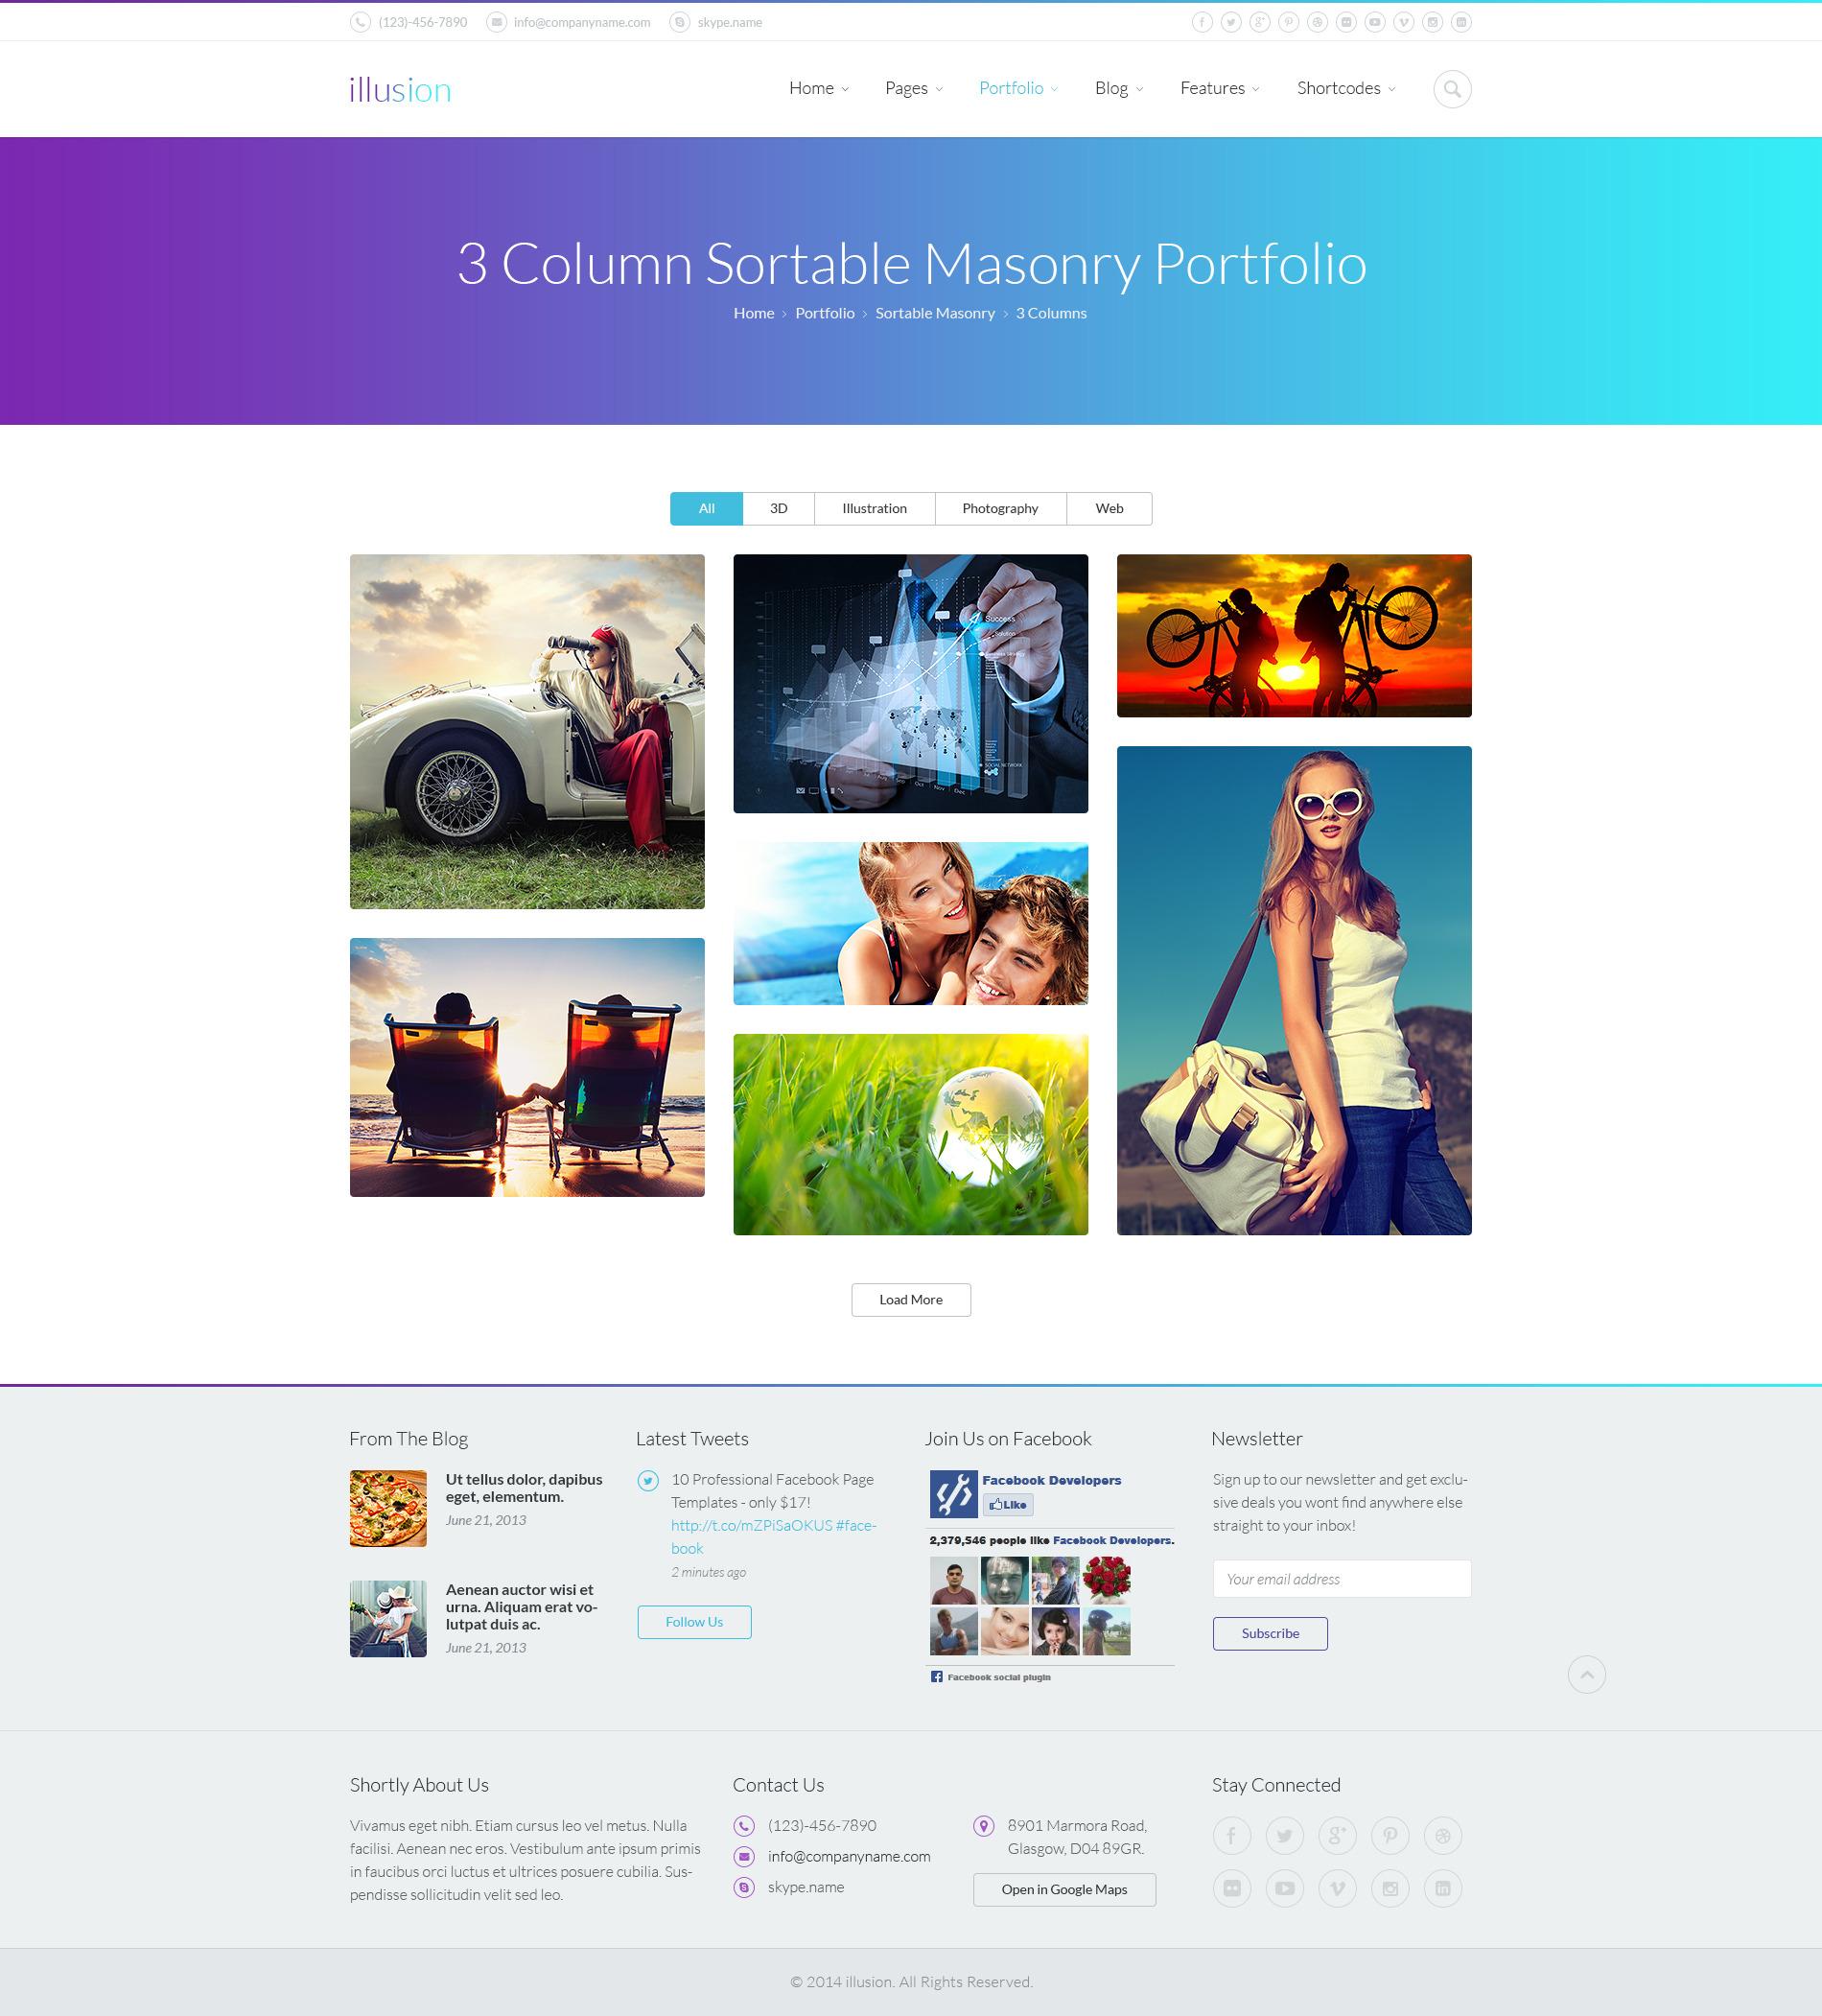 illusion - Premium PSD Template